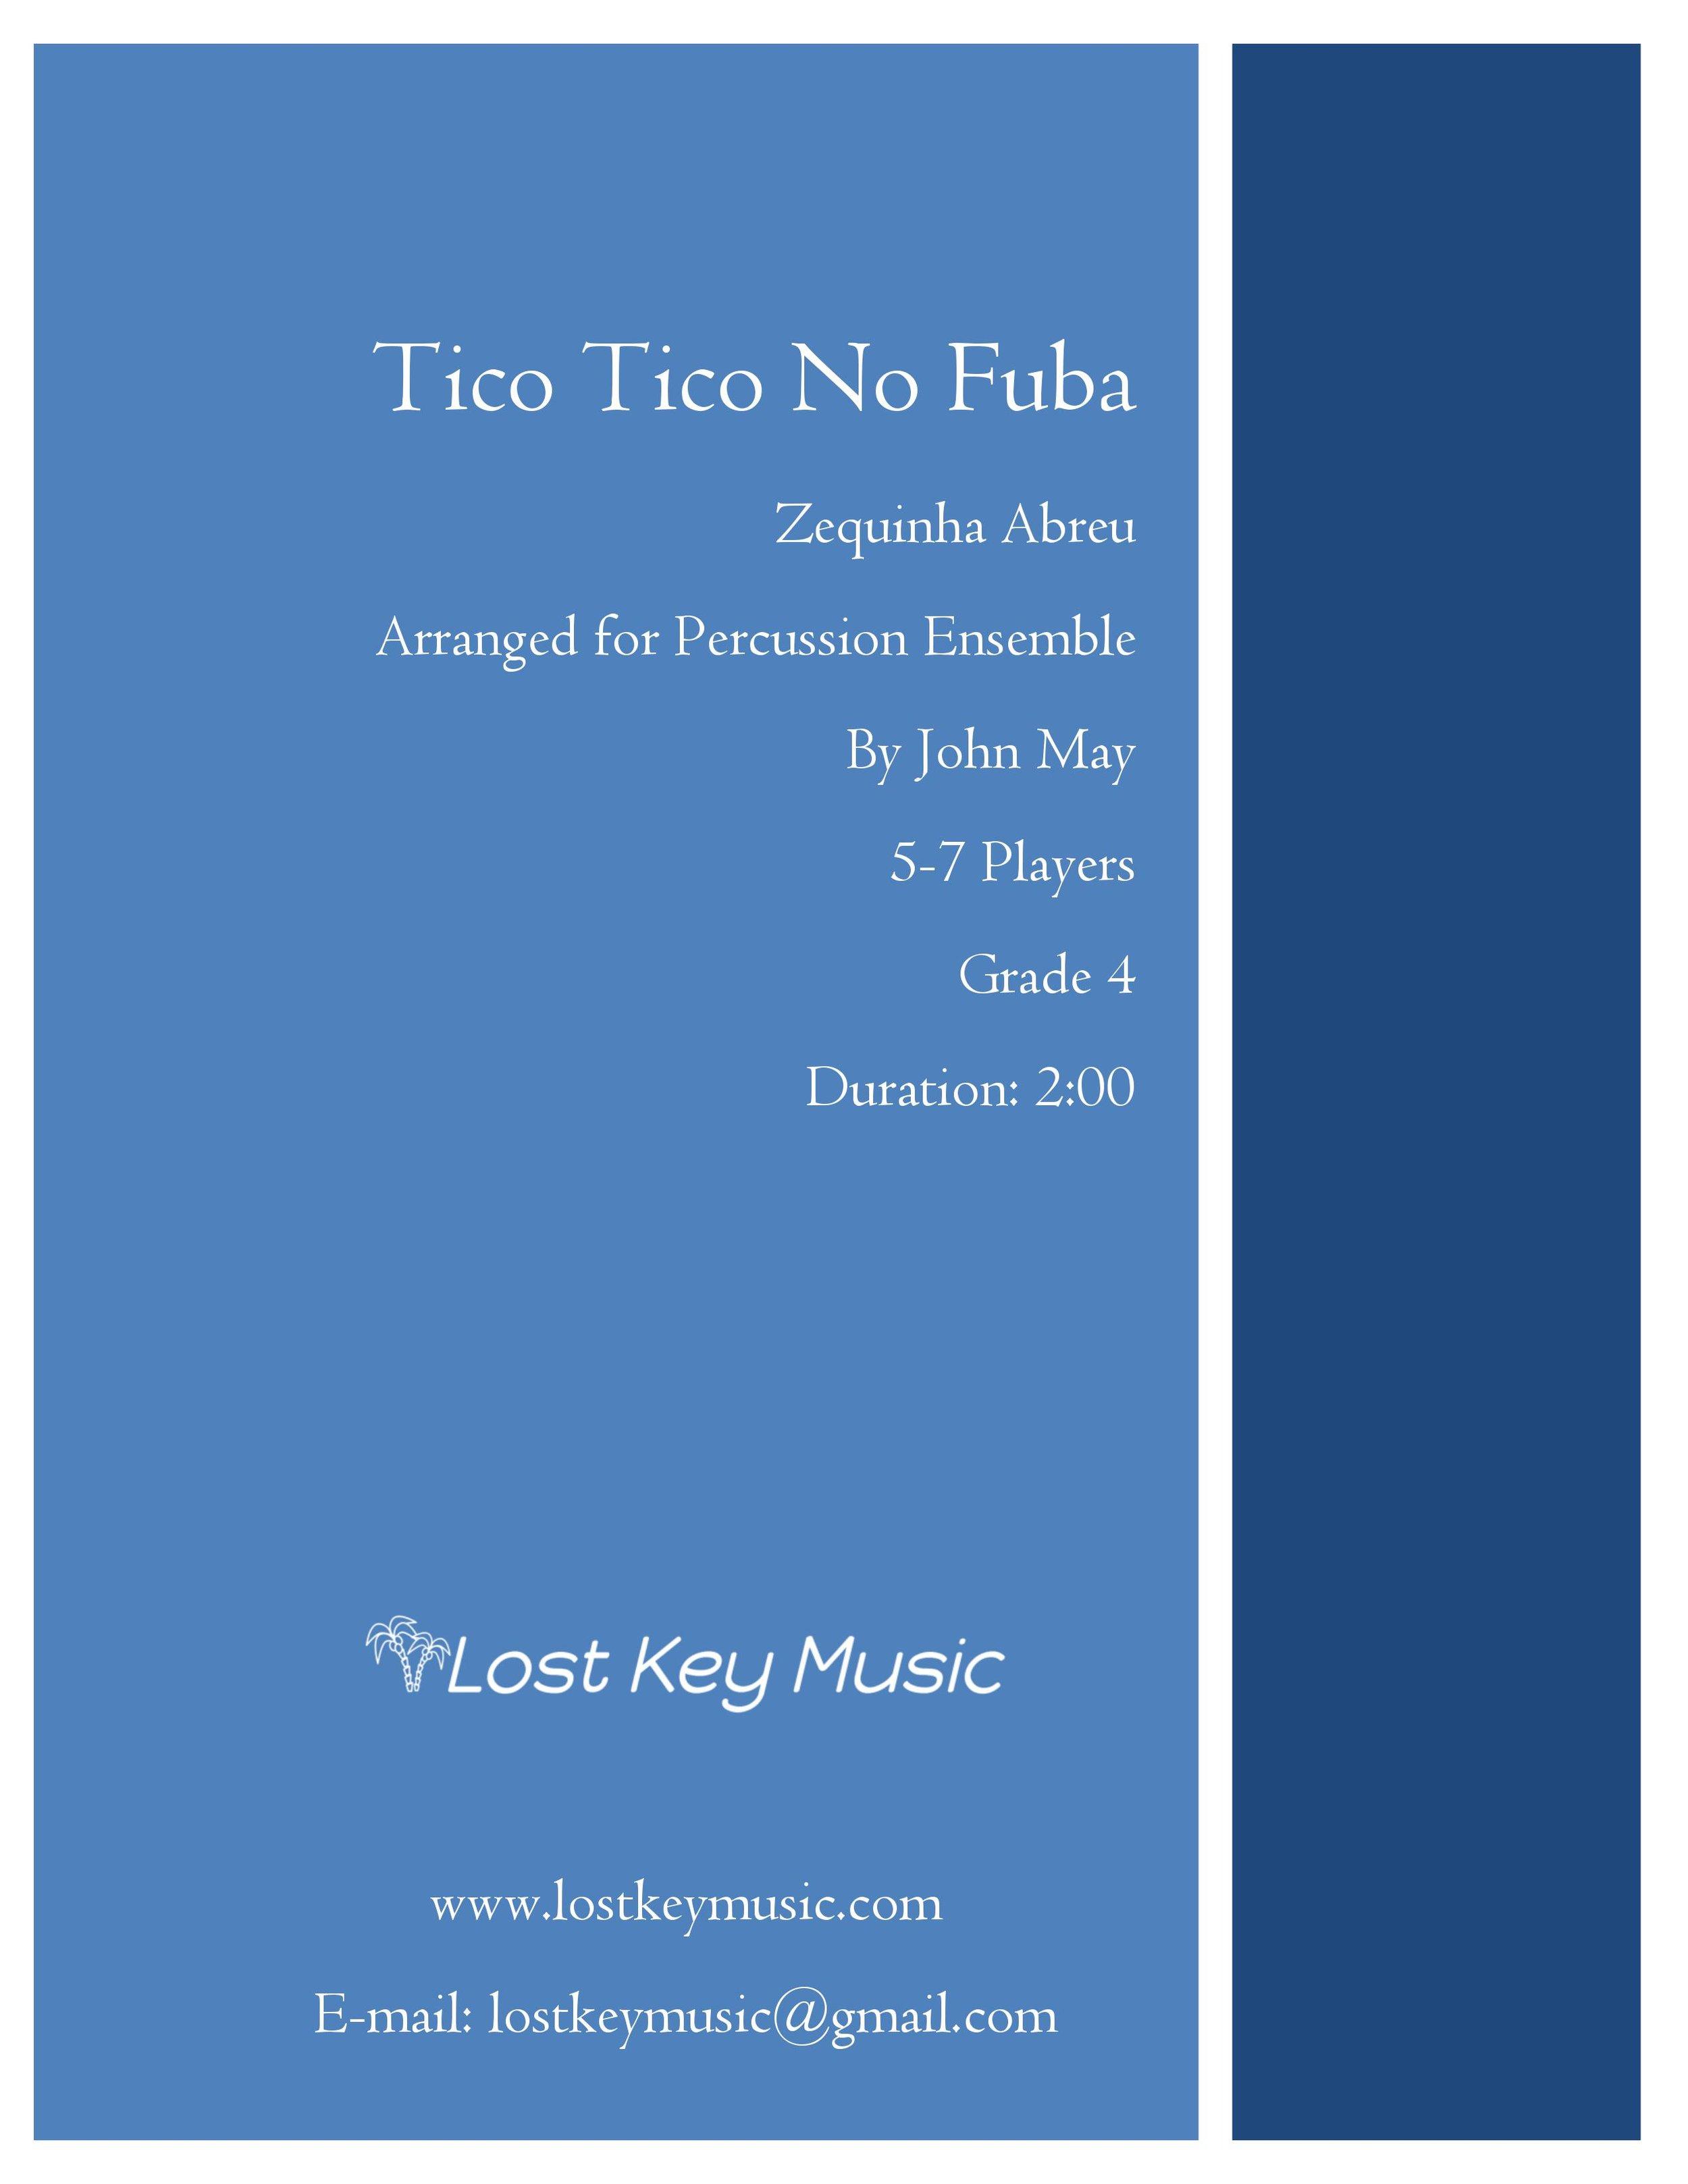 Tico Tico No Fuba-Percussion Ensemble-Cover Photo.jpg